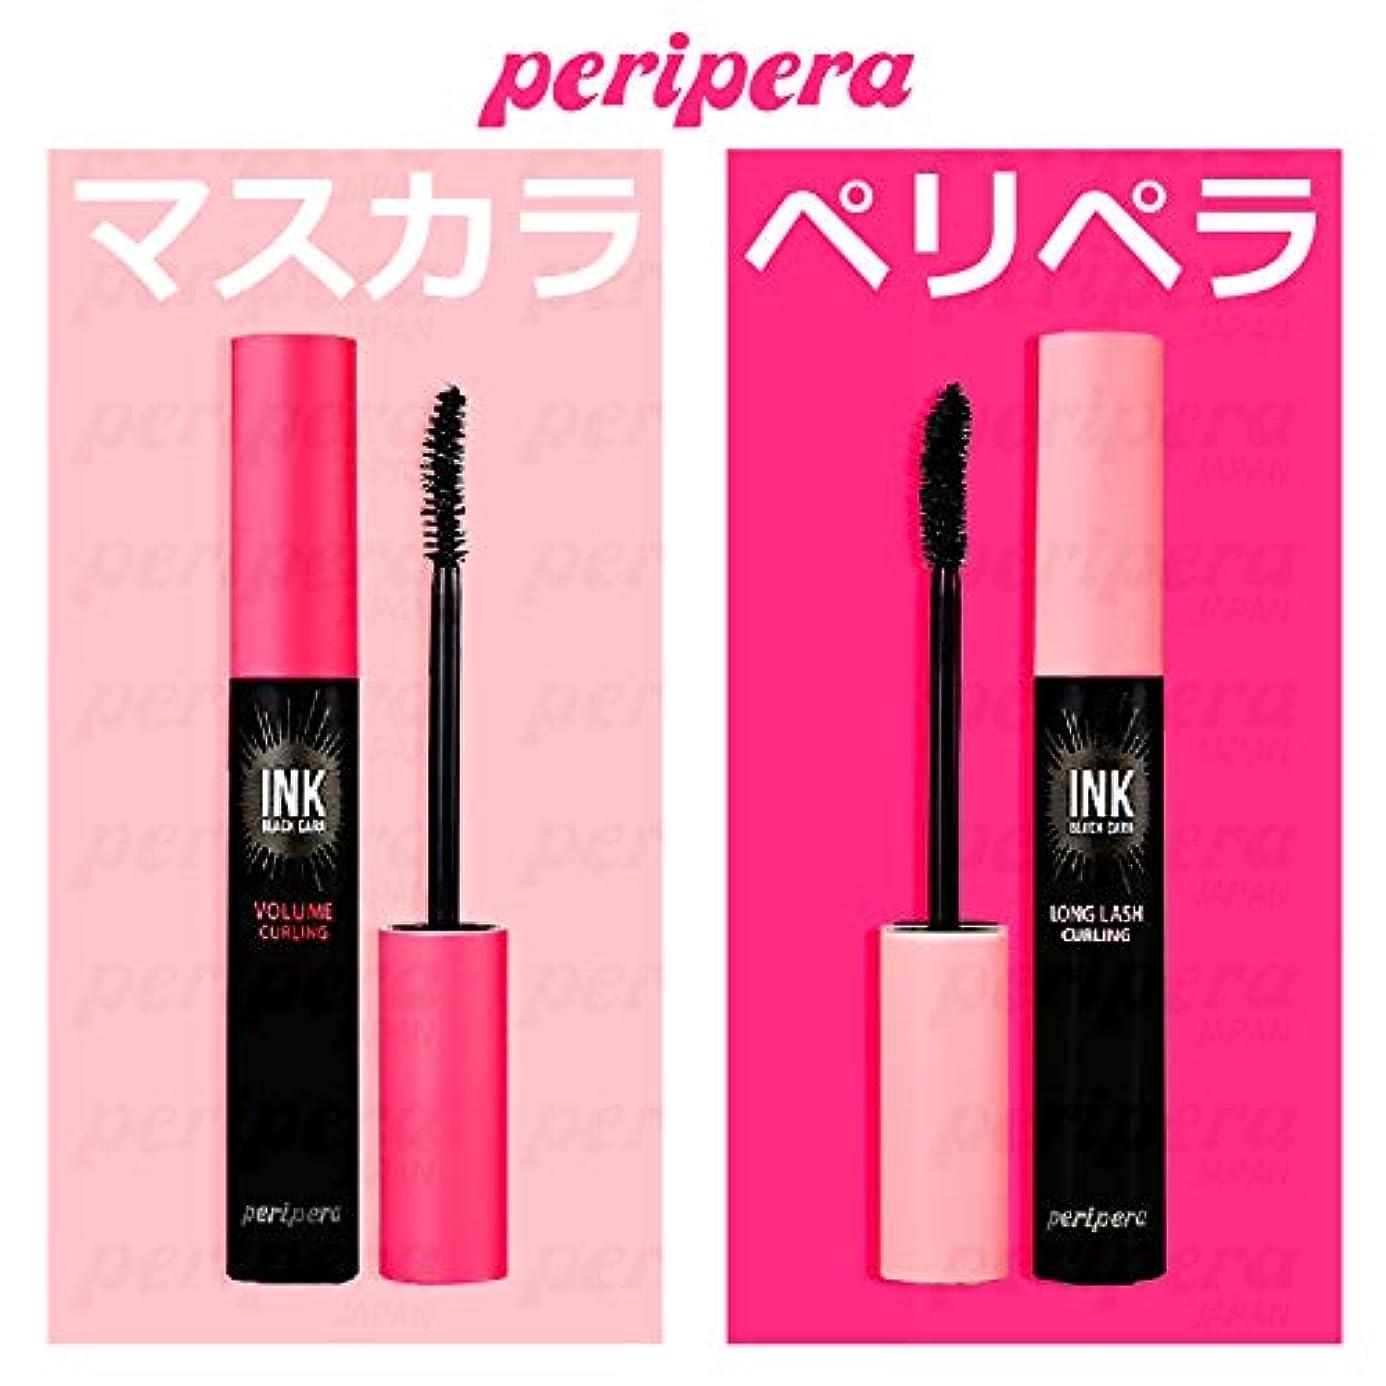 横にバケット成長する[New] Peripera Ink Black Cara (#1 Long Lash Curling) / ペリペラ インクブラックカラ(#1ロング) [並行輸入品]